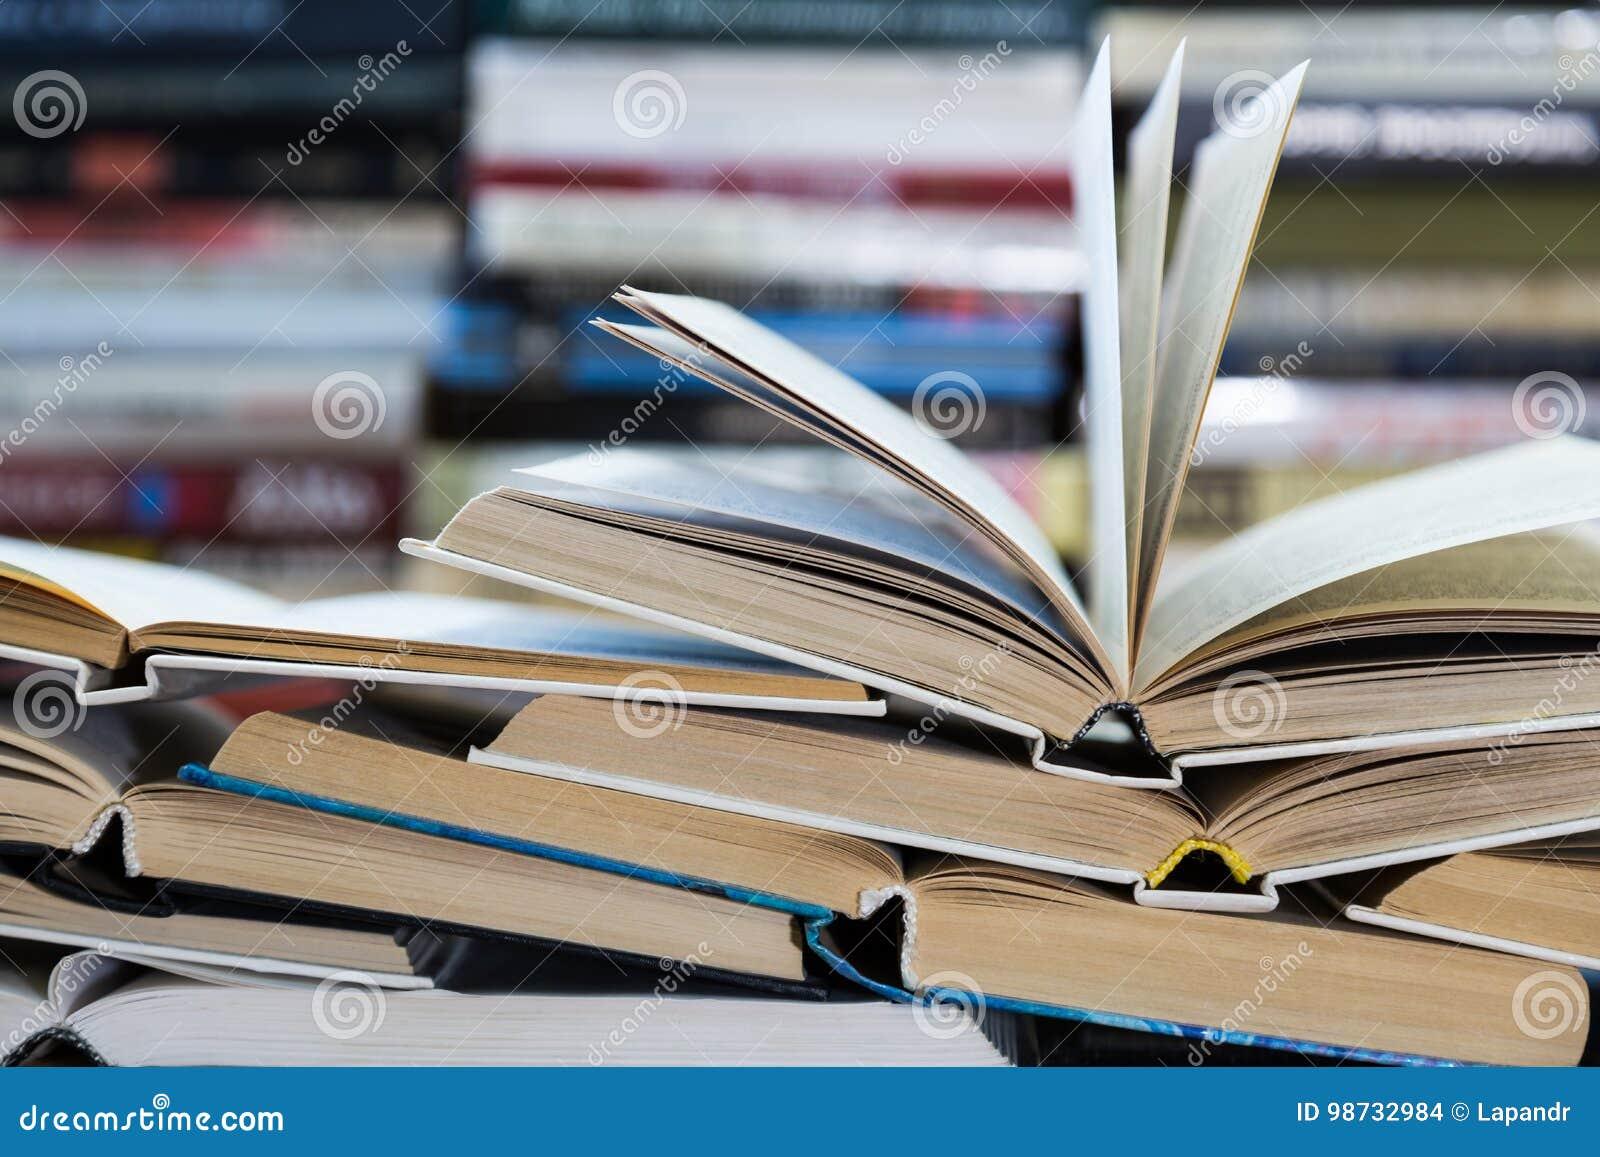 Ein Stapel Bücher mit bunten Abdeckungen Die Bibliothek oder die Buchhandlung Bücher oder Lehrbücher Bildung und Lesung